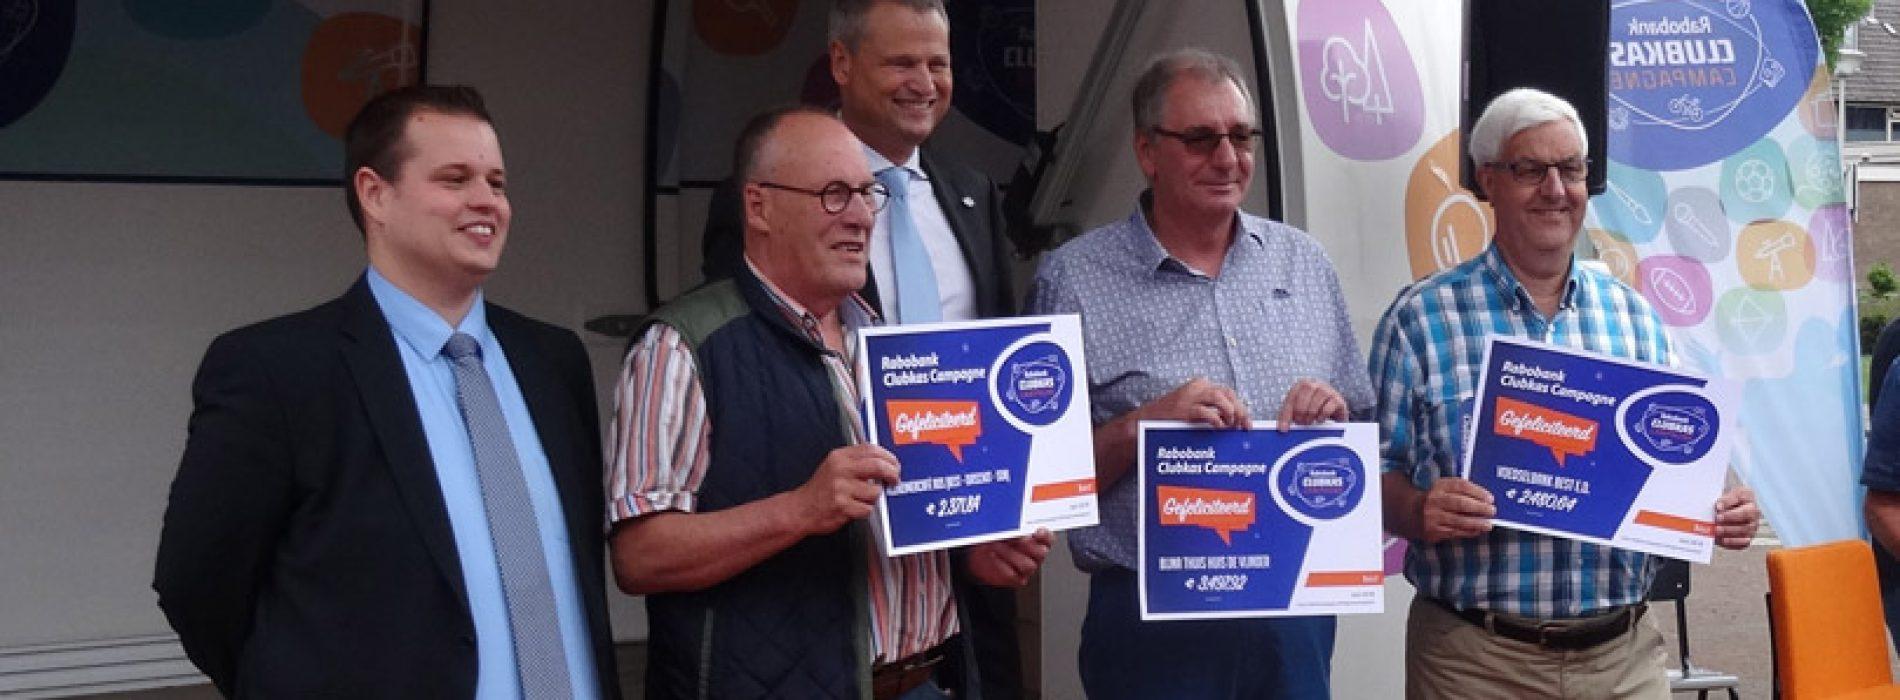 Uitreiking prijzen Rabobank Clubkas Campagne